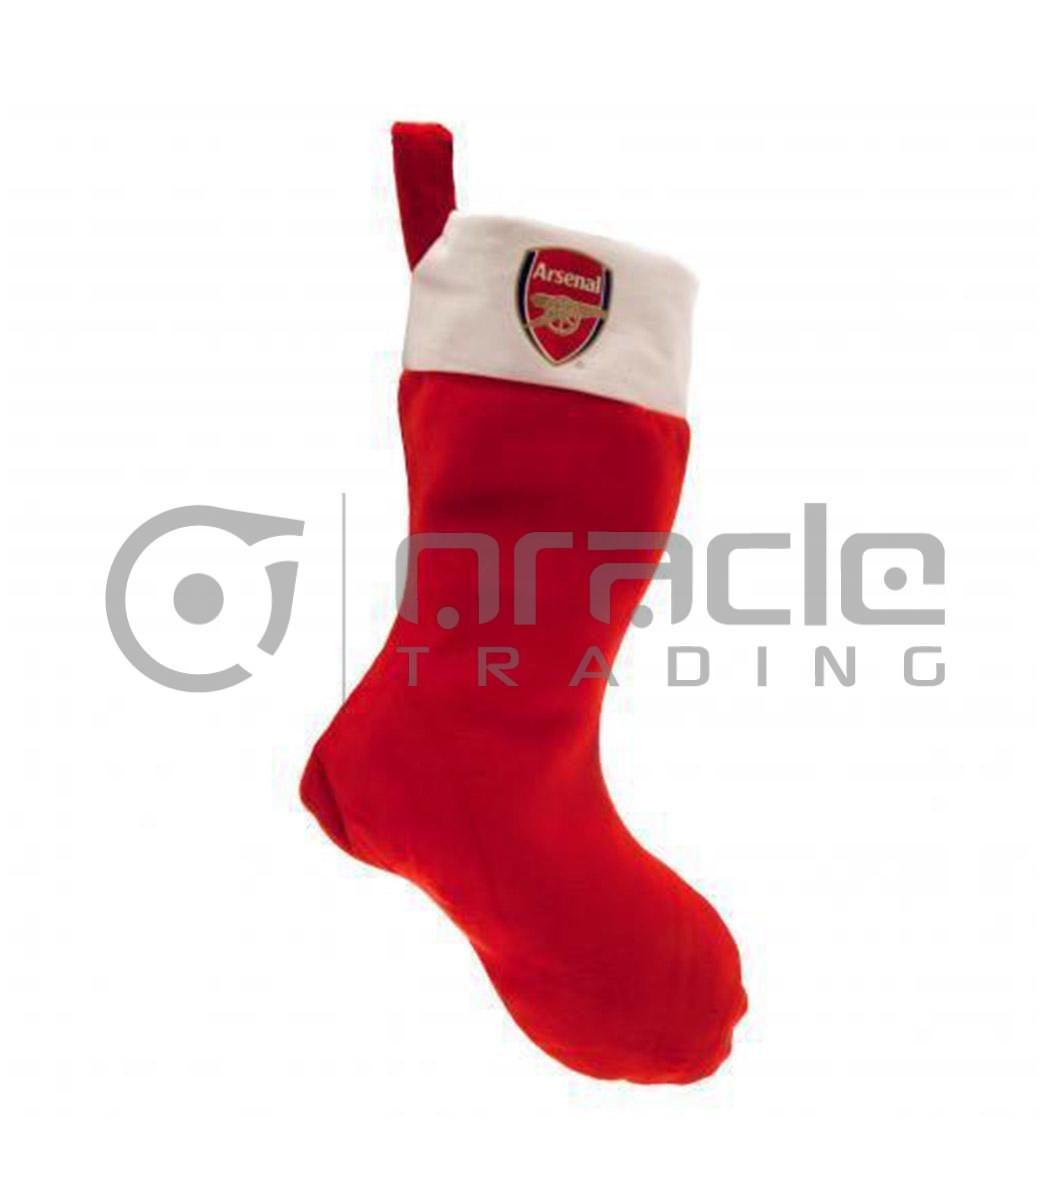 Arsenal Christmas Stocking